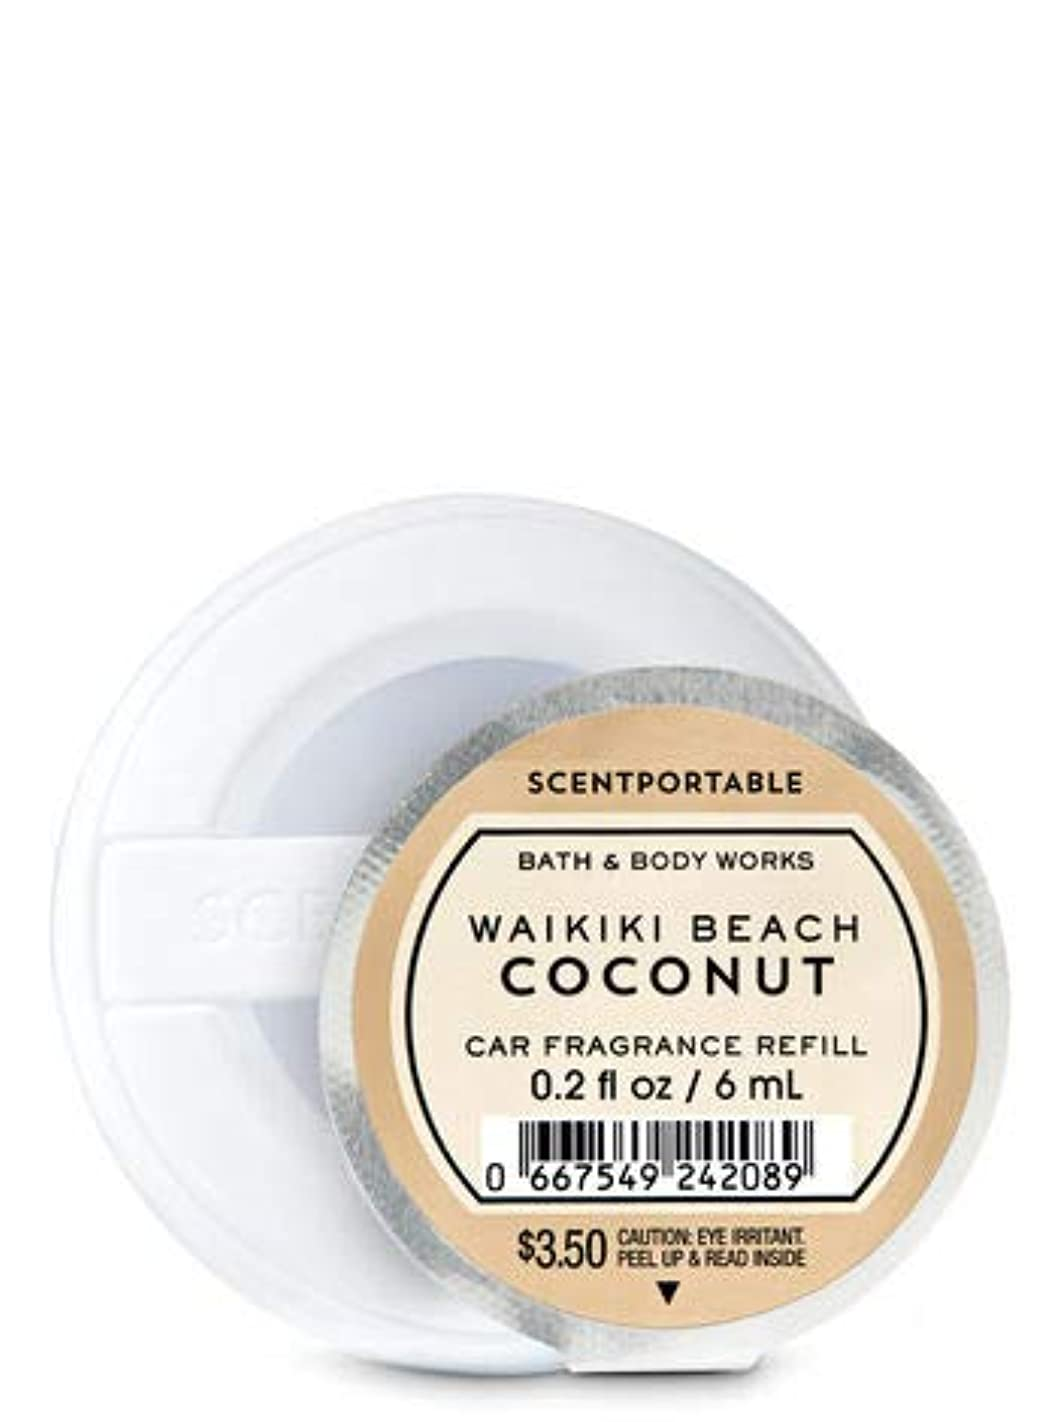 高さいいね指導する【Bath&Body Works/バス&ボディワークス】 クリップ式芳香剤 セントポータブル詰替えリフィル ワイキキビーチココナッツ Scentportable Fragrance Refill Waikiki Beach Coconut [並行輸入品]